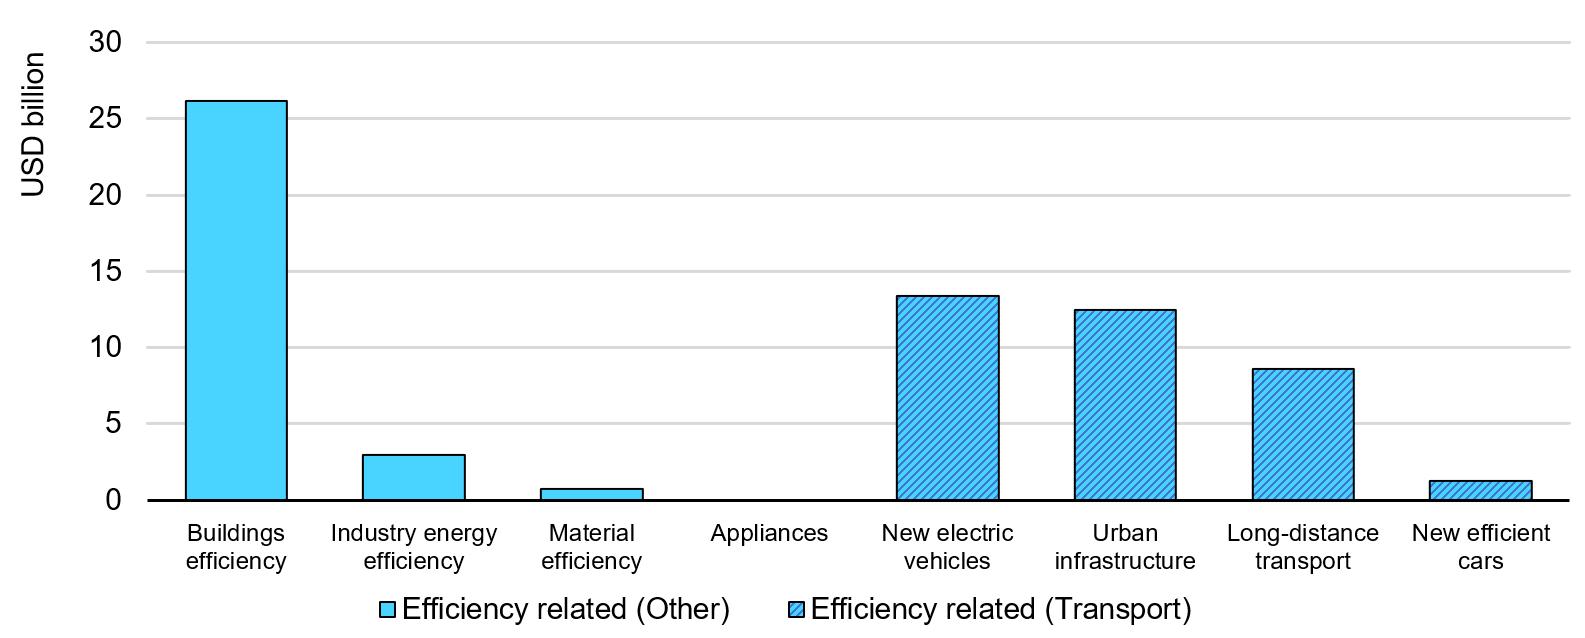 Se anunció la financiación de estímulos públicos relacionados con la eficiencia por medida. Fuente: IEA Energy Efficiency 2020.